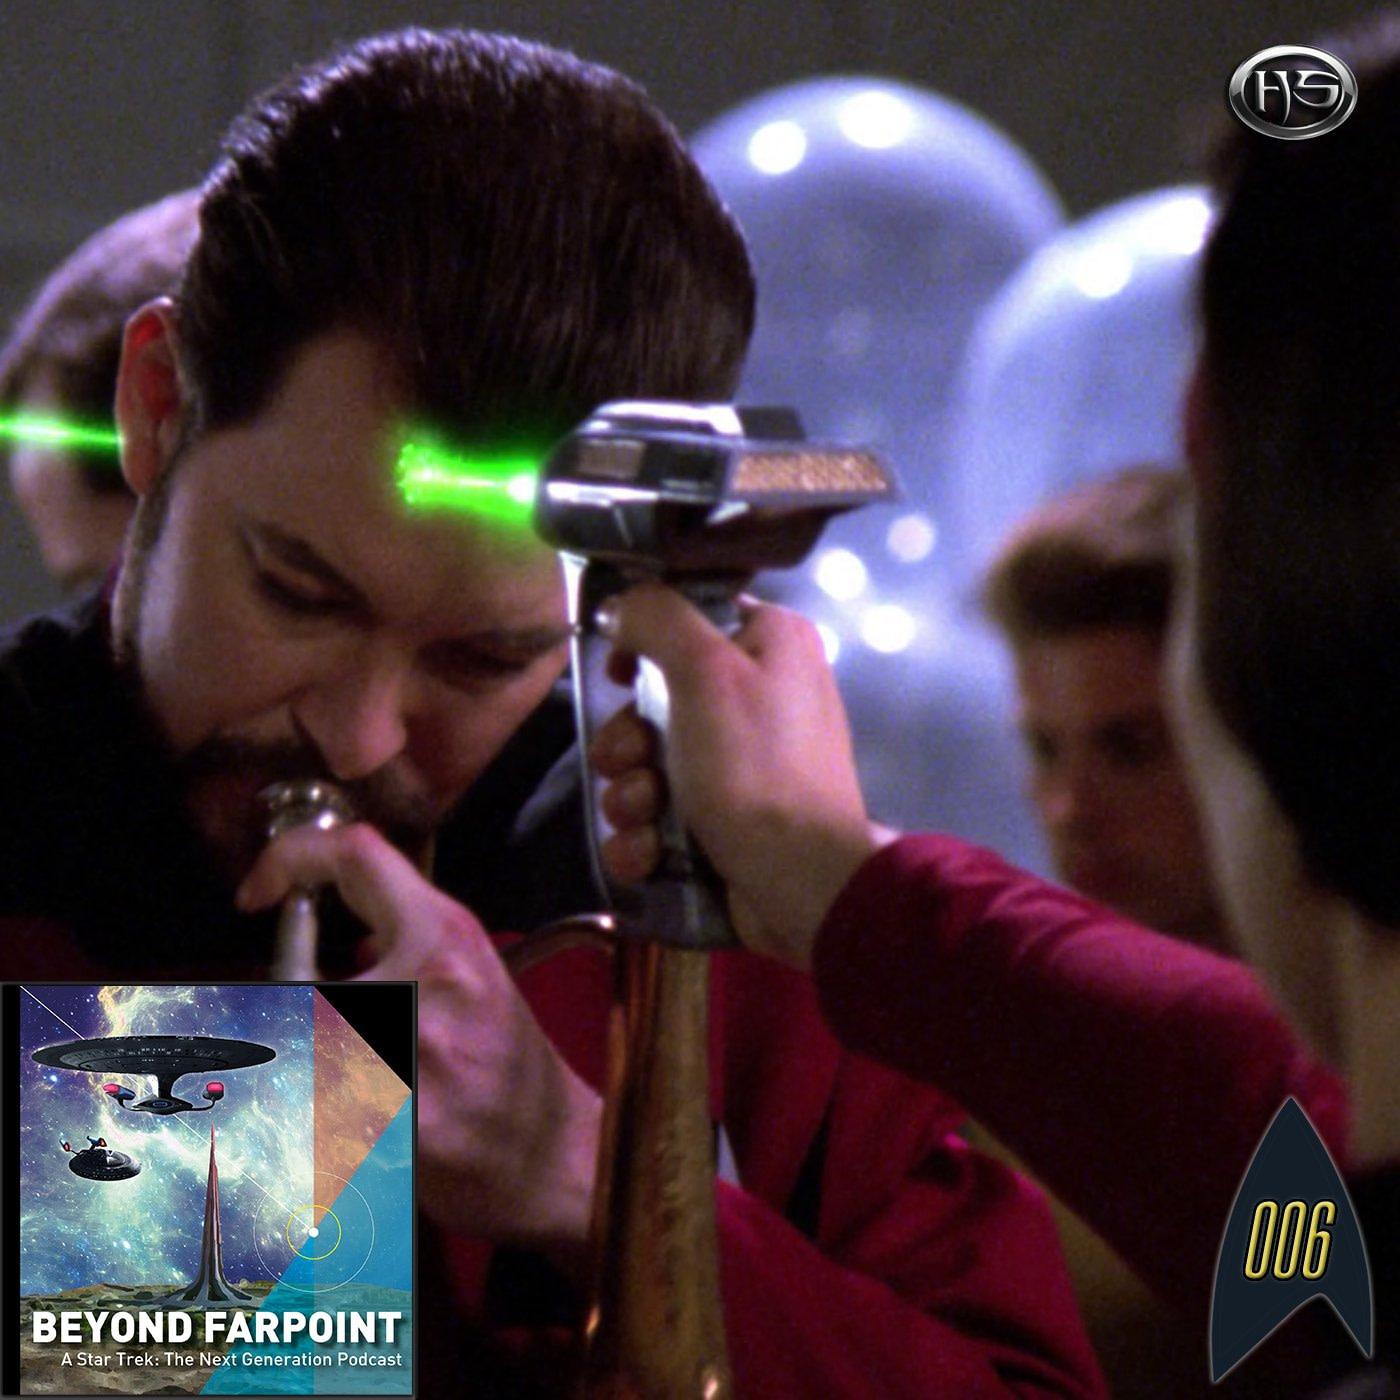 Beyond Farpoint Episode 6